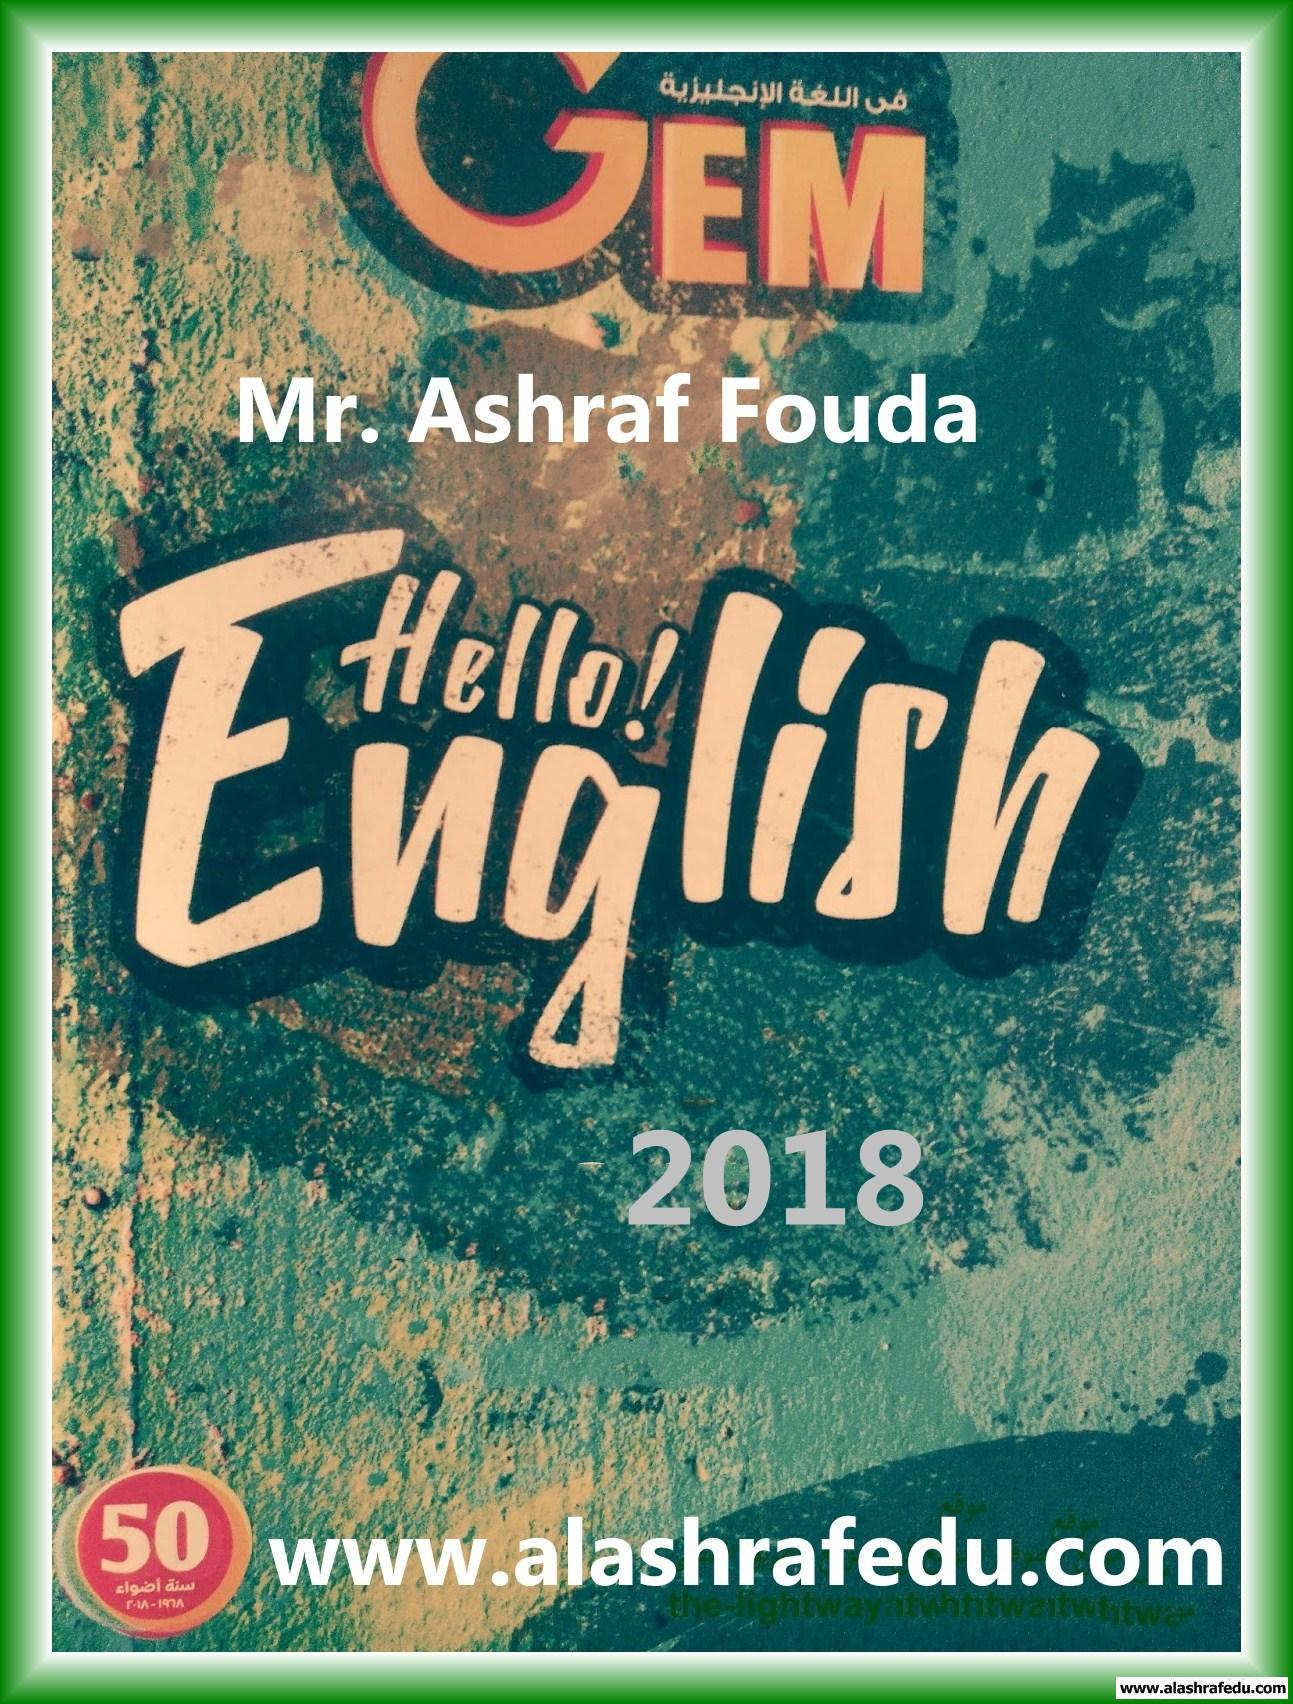 إجابات كتاب الشرح 2018 اللغه الإنجليزيه الثانى www.alashrafedu.com1